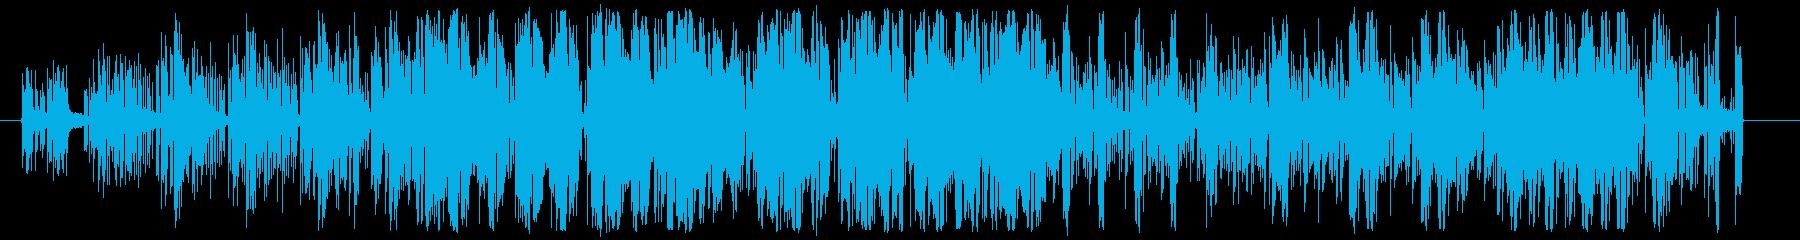 おしゃれなエレクトロダンスミュージックの再生済みの波形